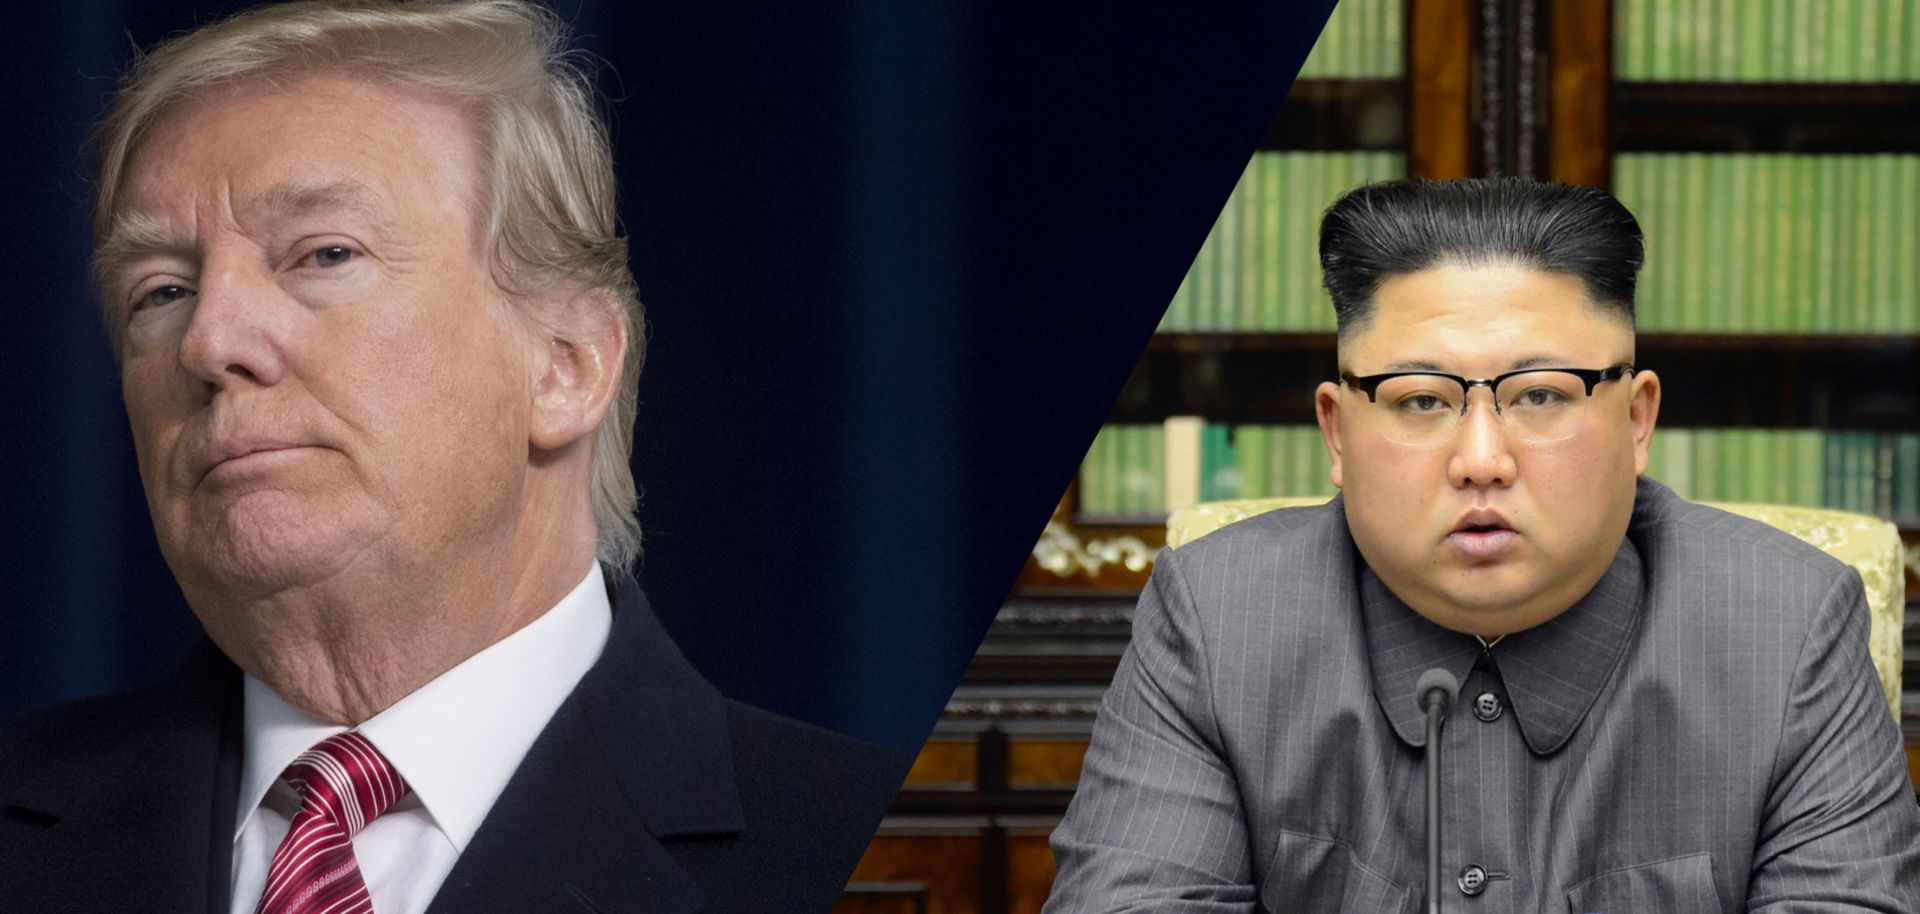 U.S. President Donald Trump and North Korea's Kim Jong Un.